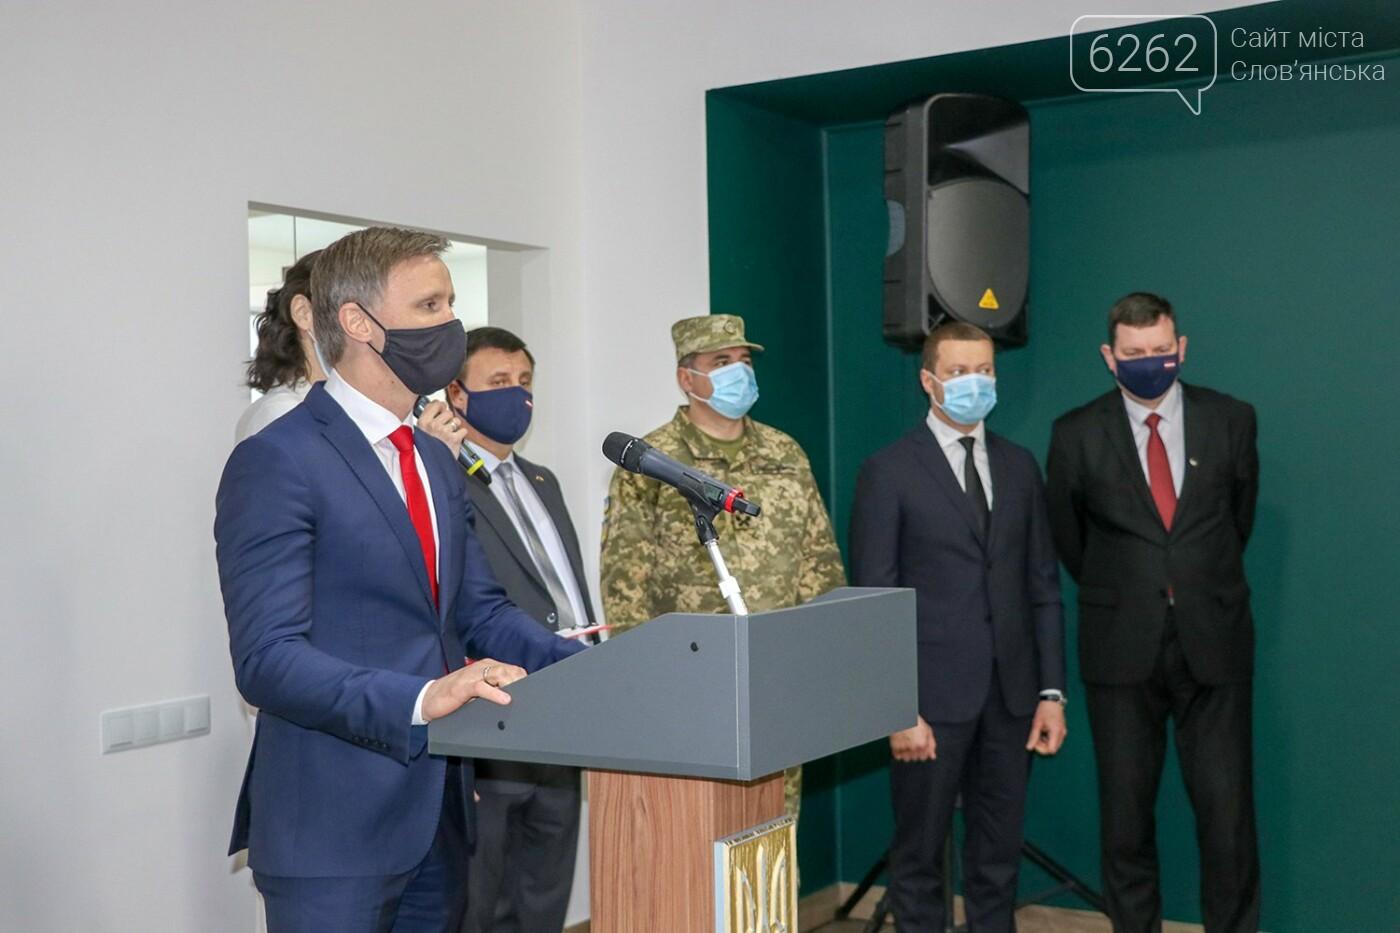 У Слов'янську відкрилося Почесне консульство Латвії, фото-1